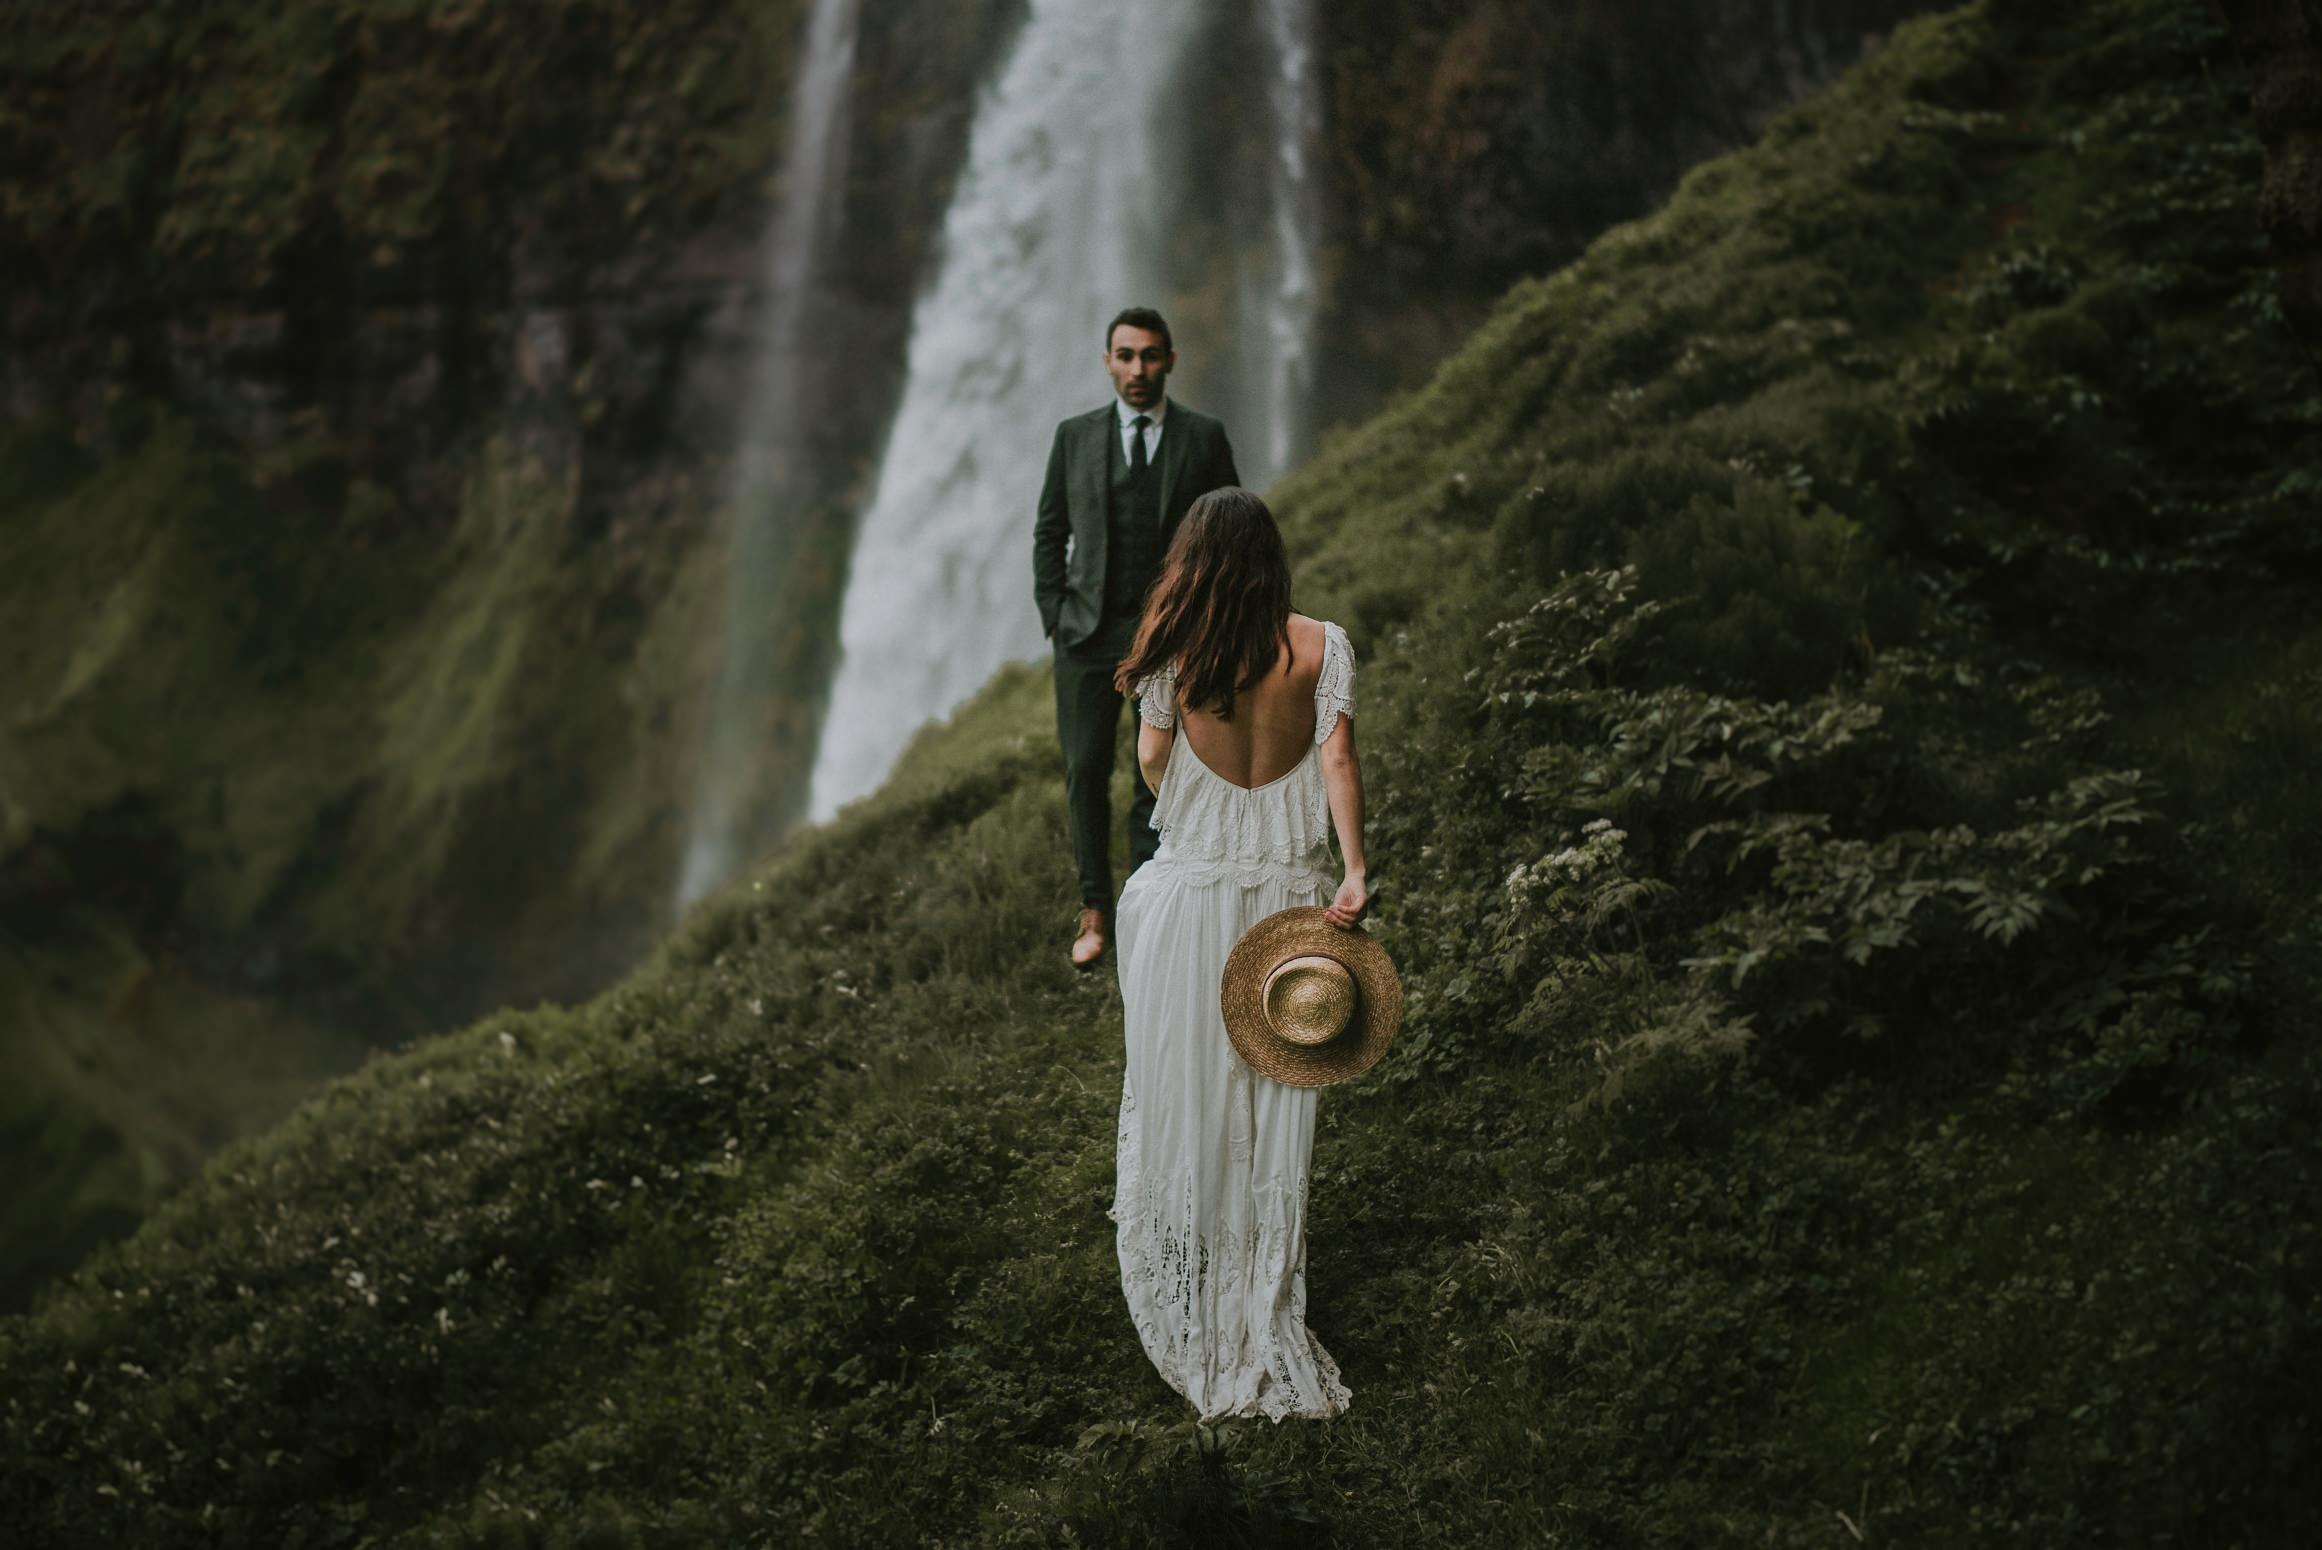 Virginia&Evan-CubeEmily&Peter-Iceland08